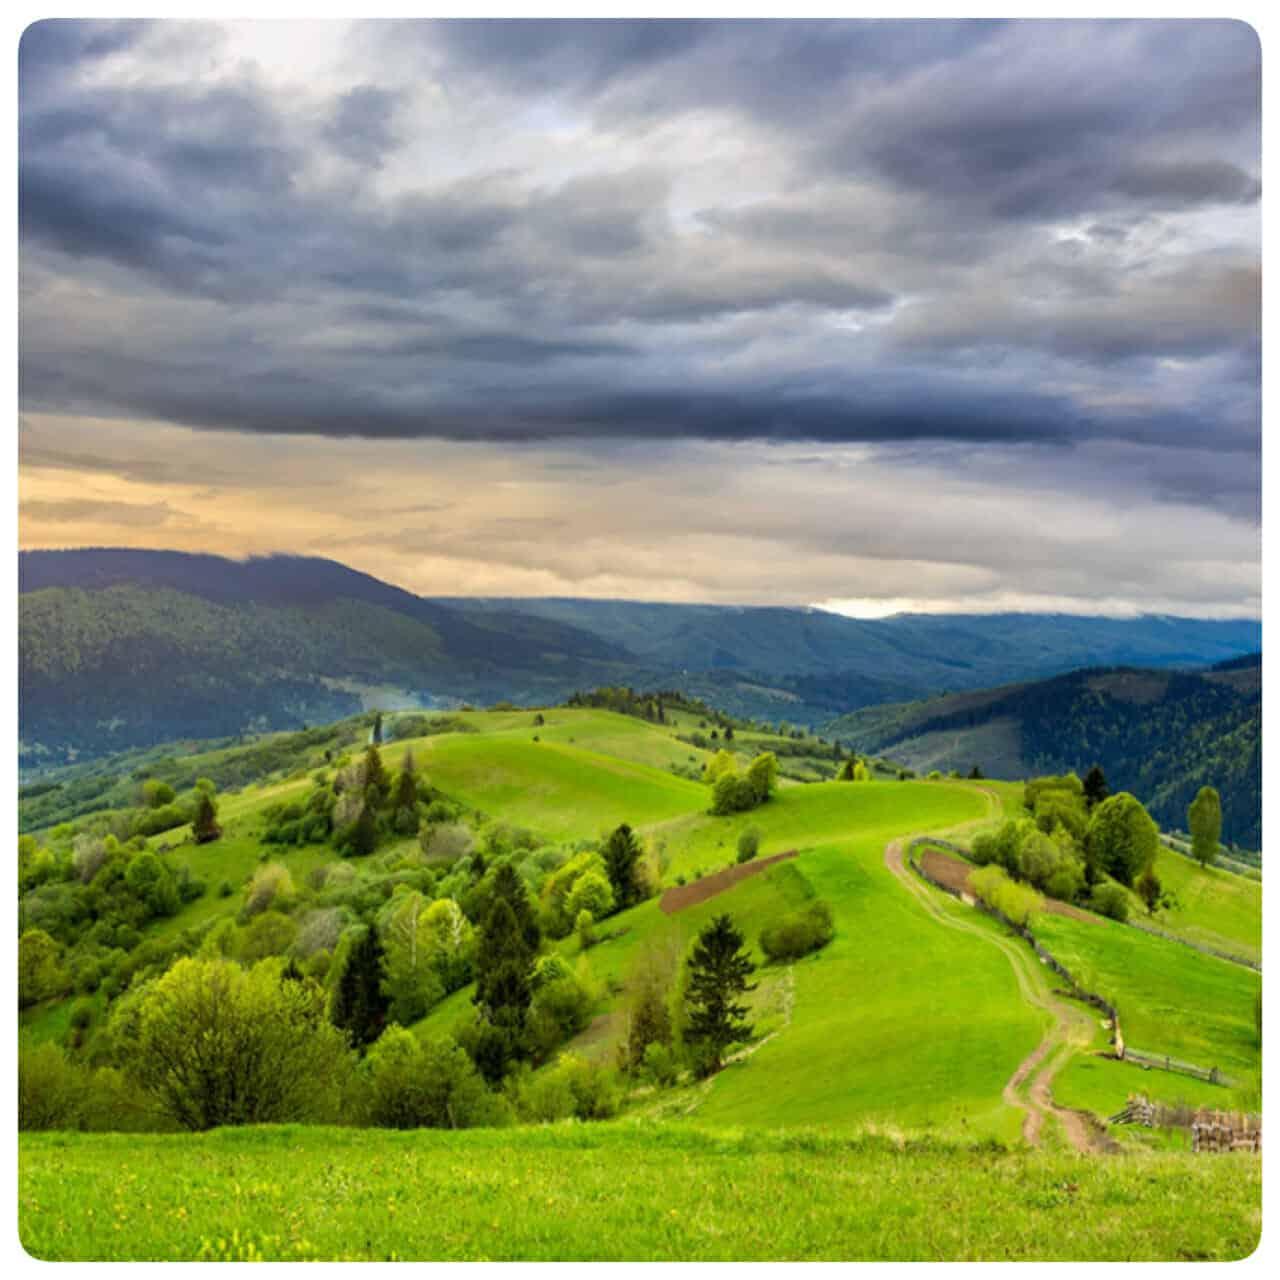 arsa, arazi, tarla arasındaki farklar nelerdir